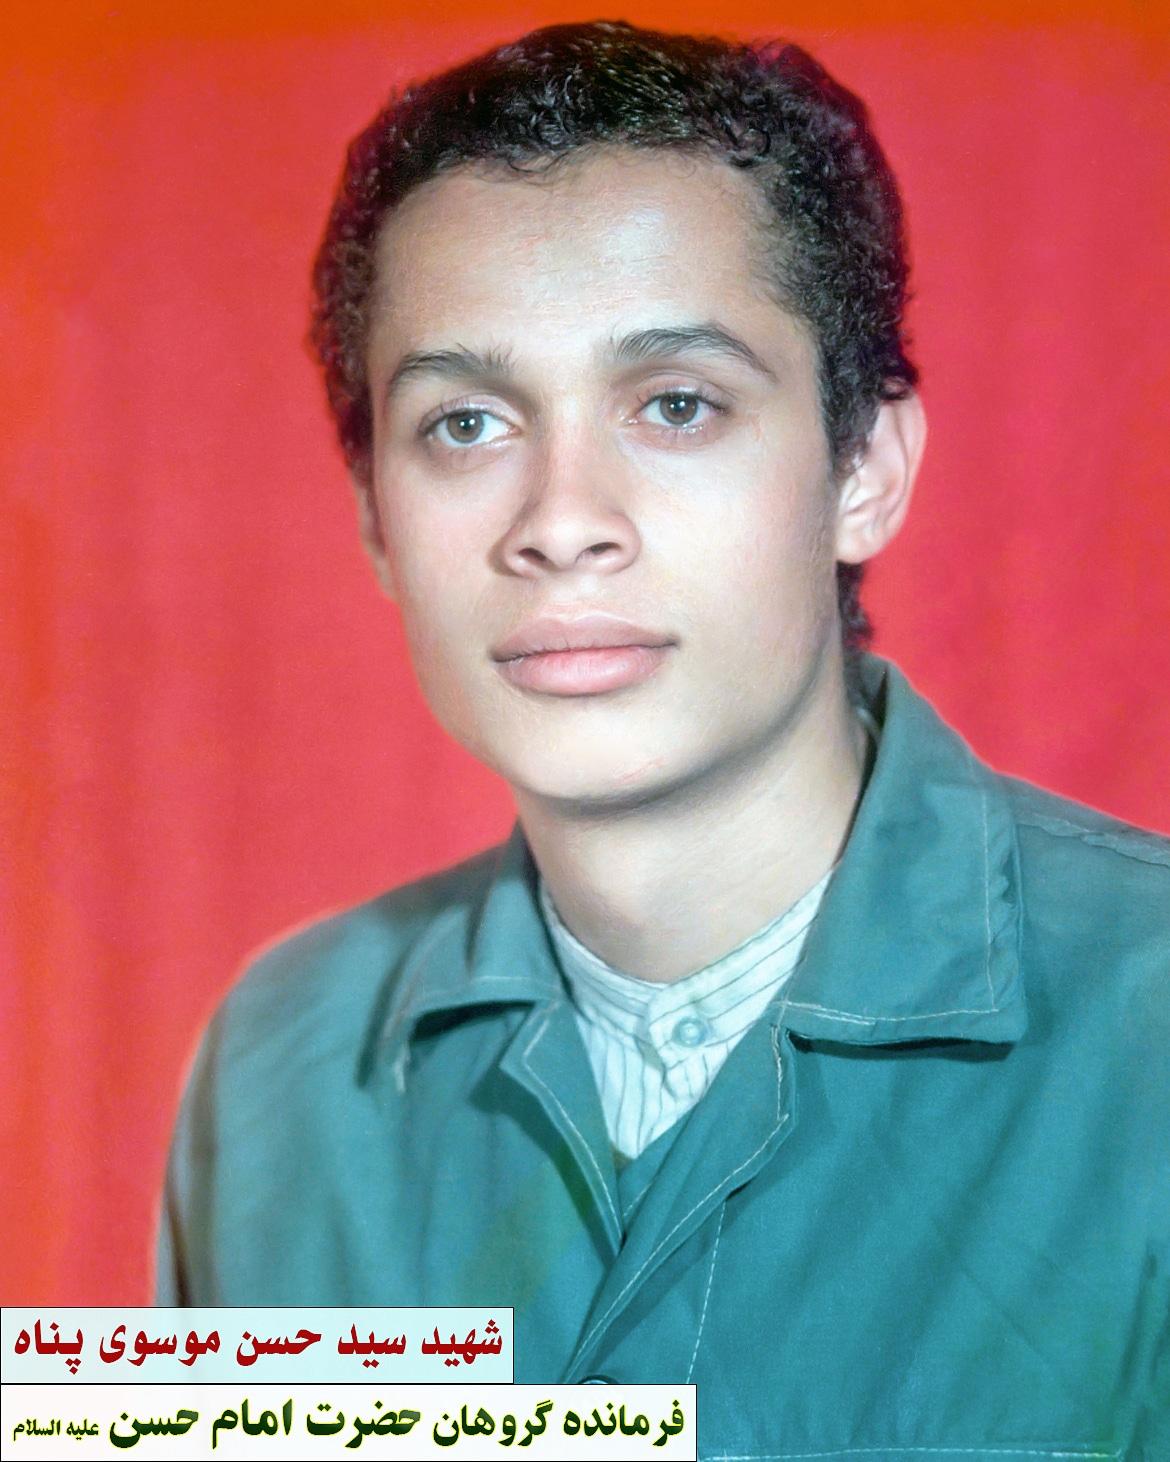 شهید سید حسن پناه